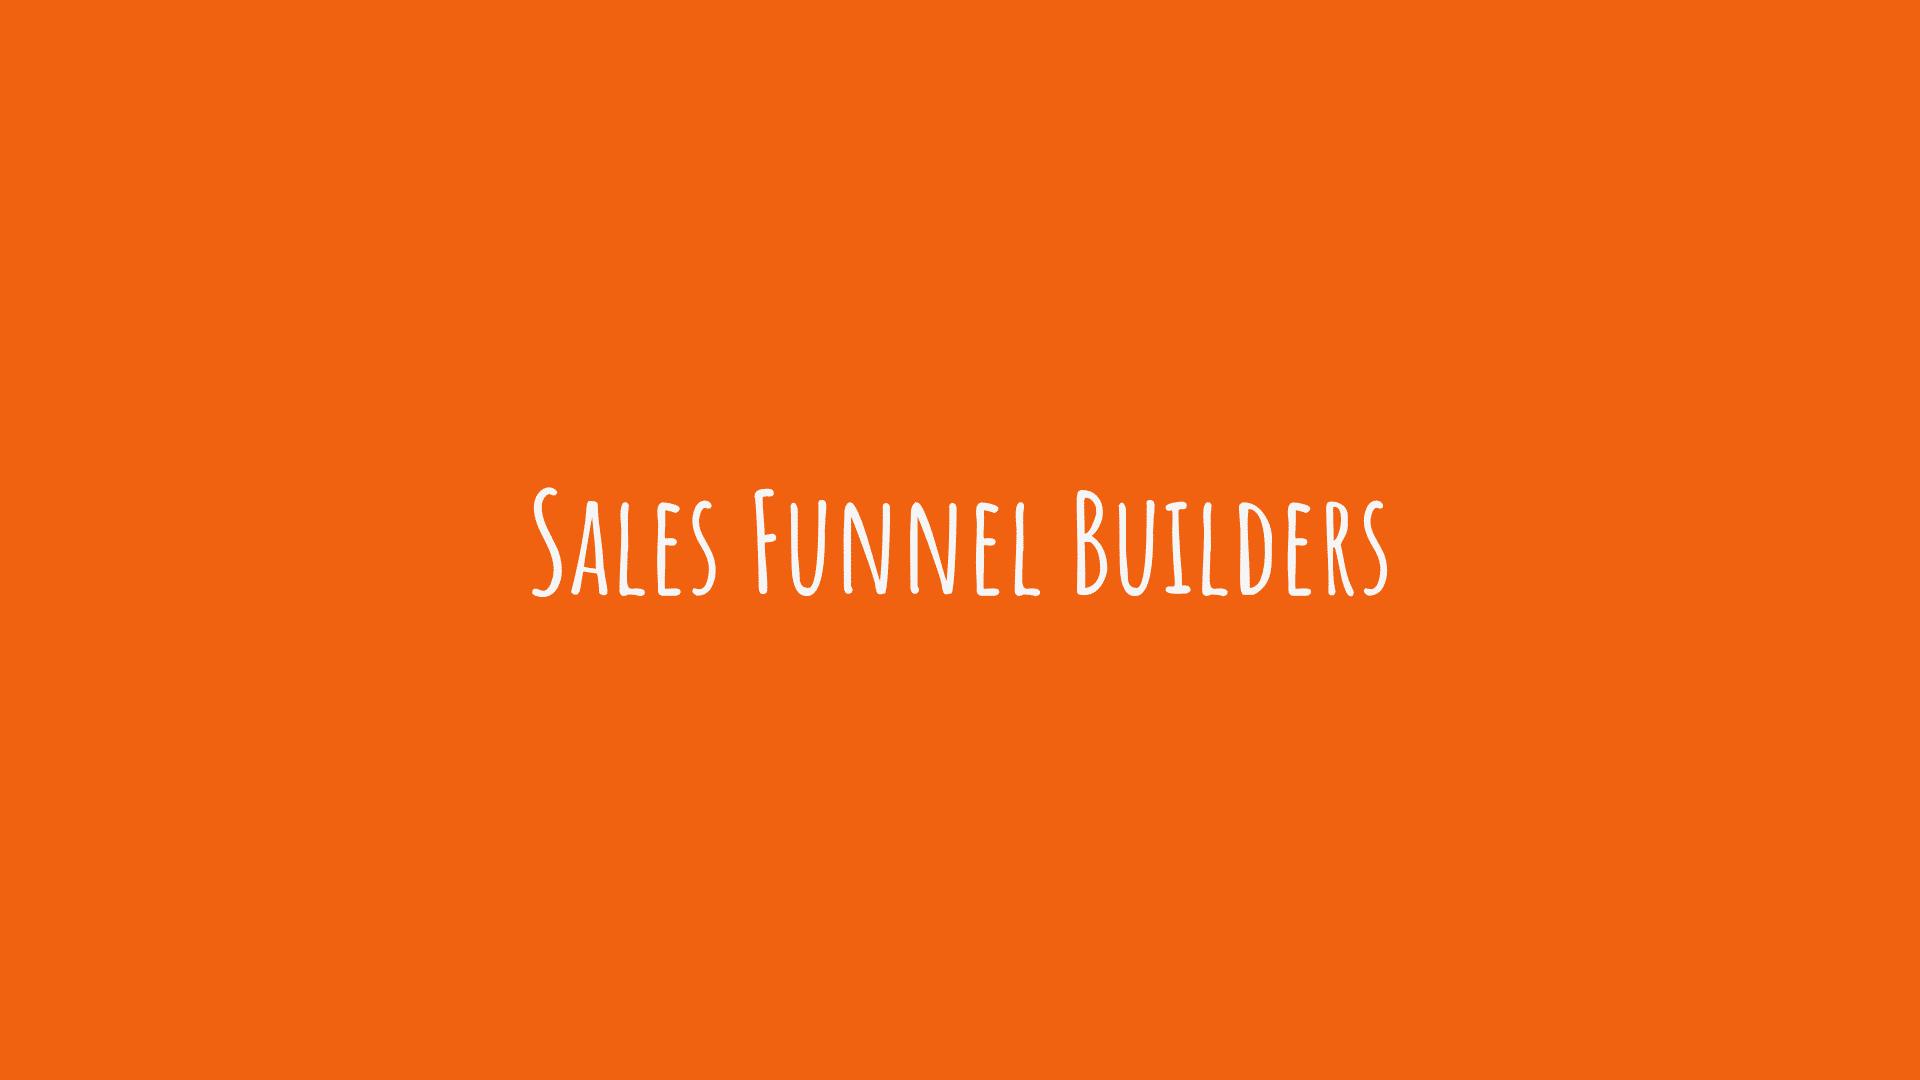 Sales Funnel Builders